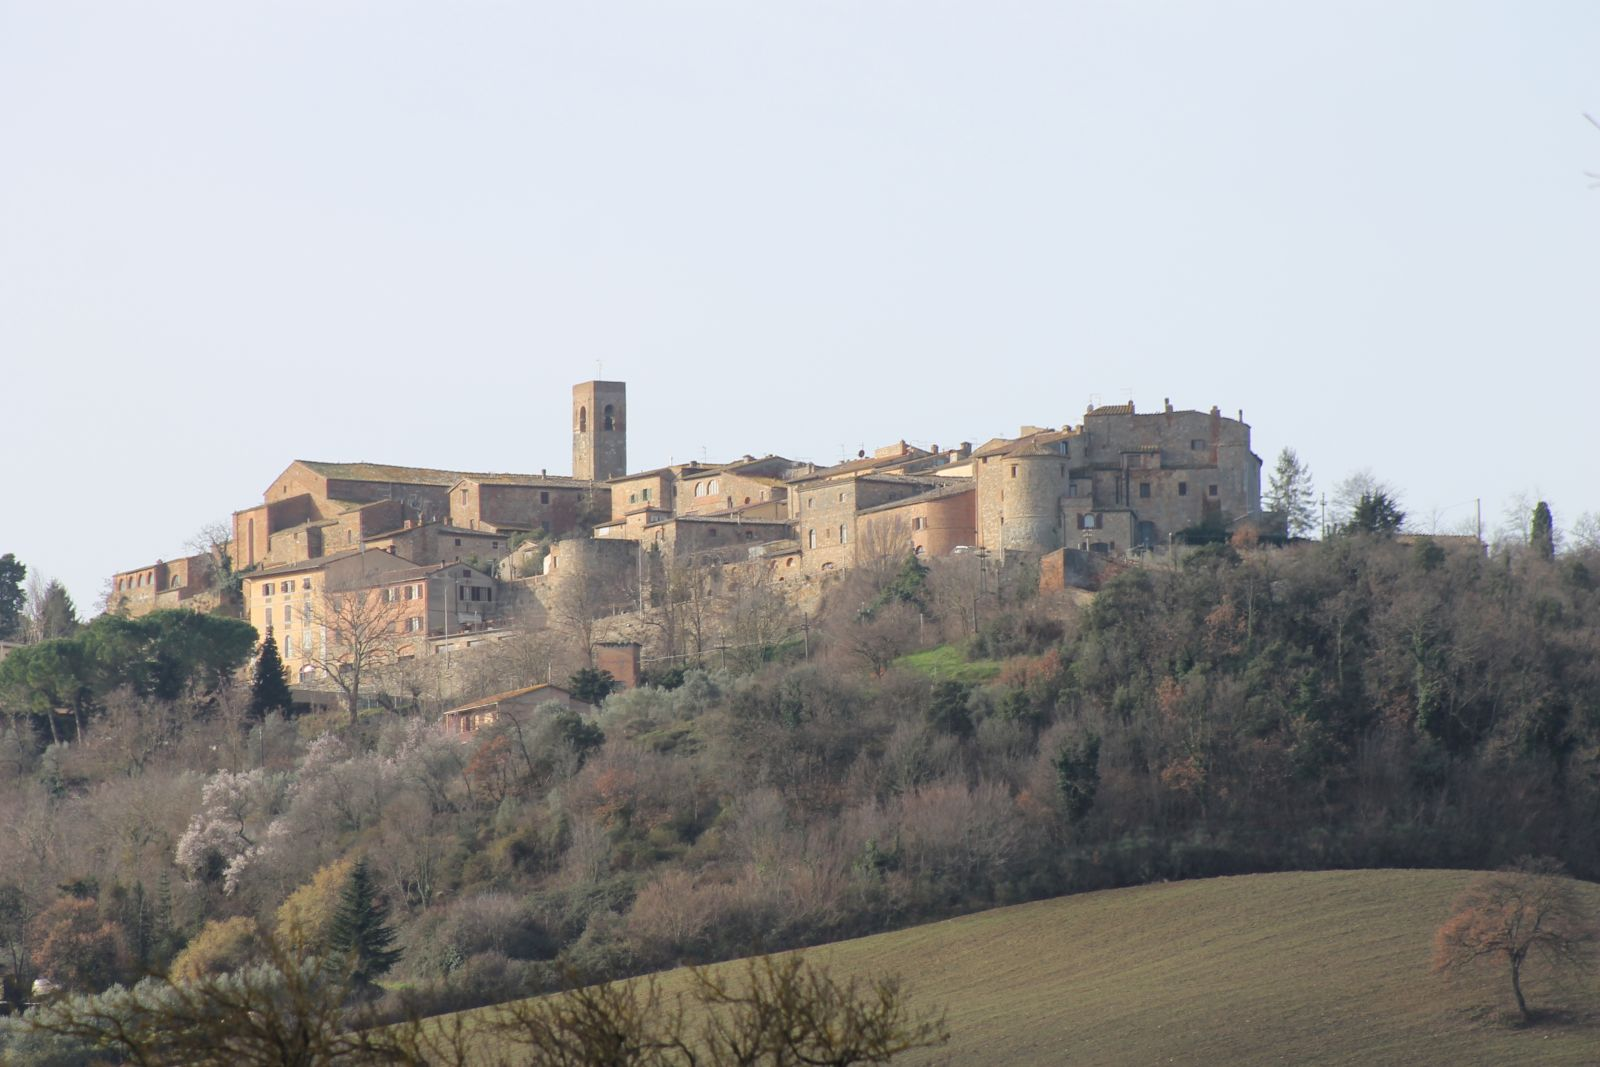 Casole d'Elsa - Casole d'Elsa: artisti d'altri tempi - Toscana Ovunque Bella